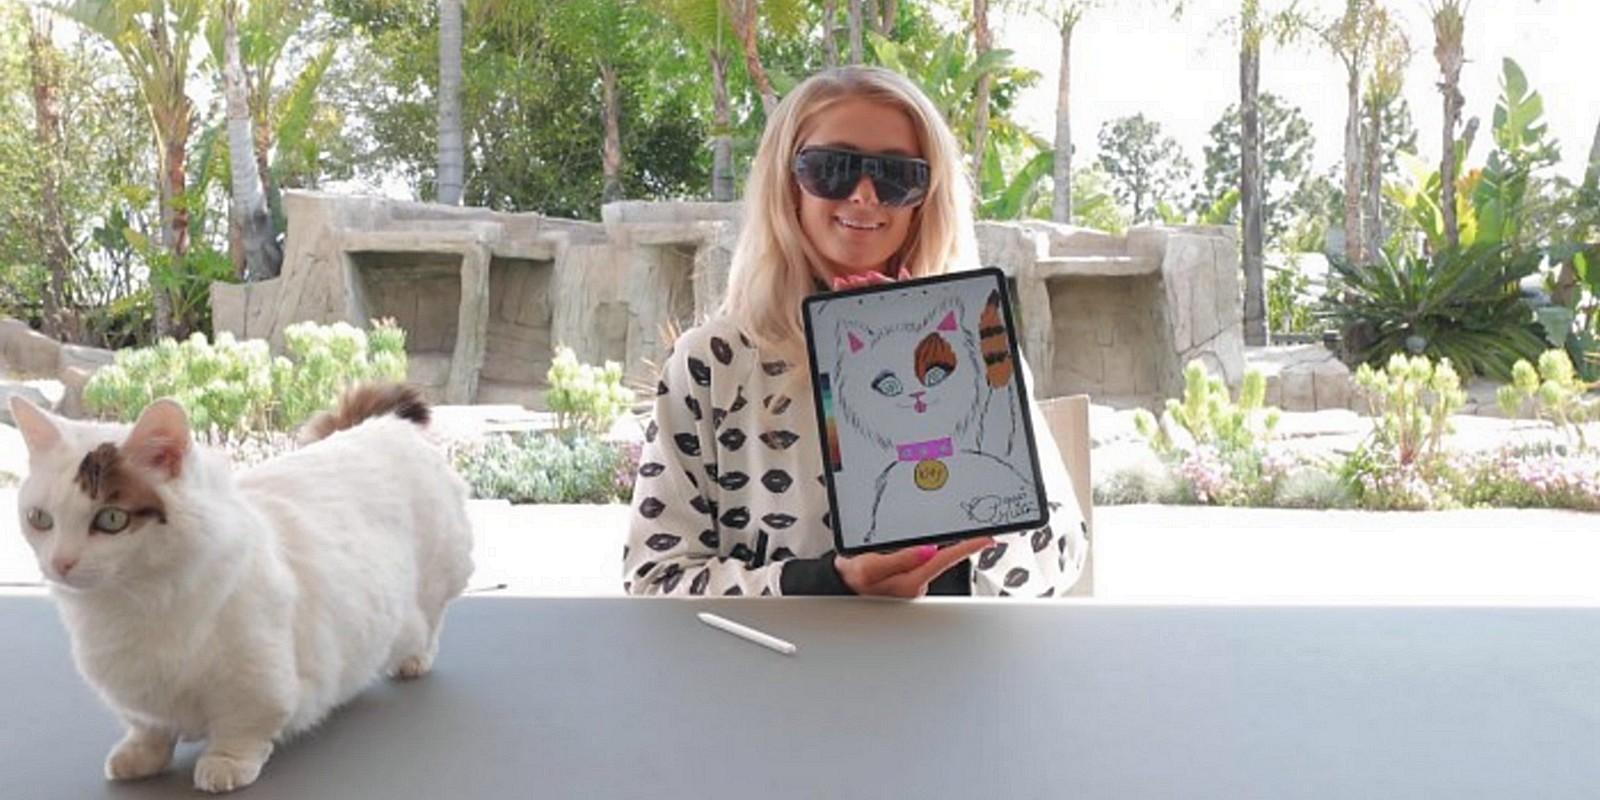 Paris Hilton vend le portrait de son chat sur Ethereum